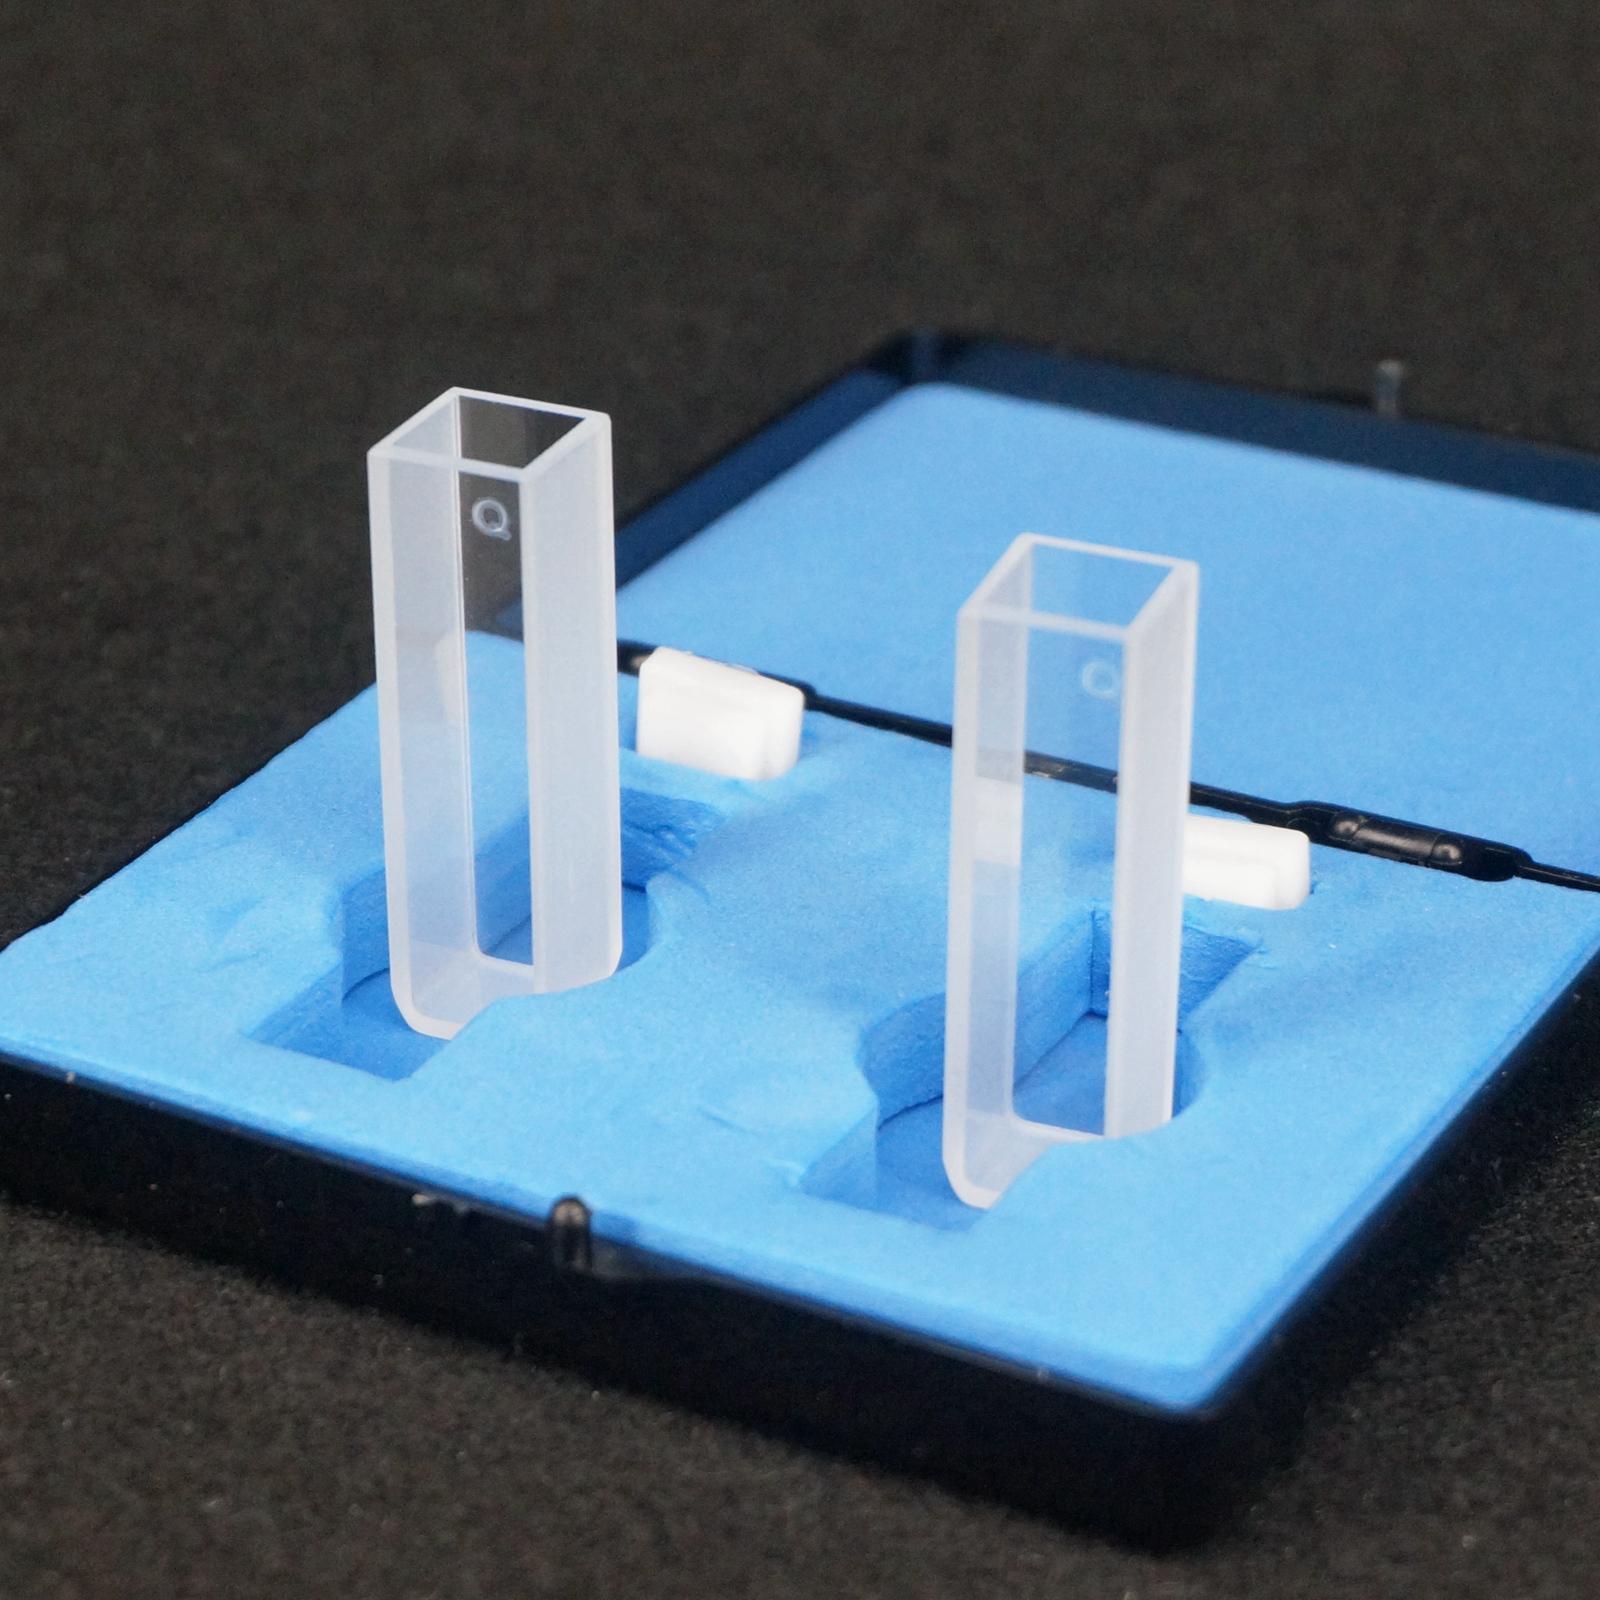 Espectrofotómetro JGS1 de 10mm de longitud de trayectoria, células cubeta de cuarzo para laboratorio